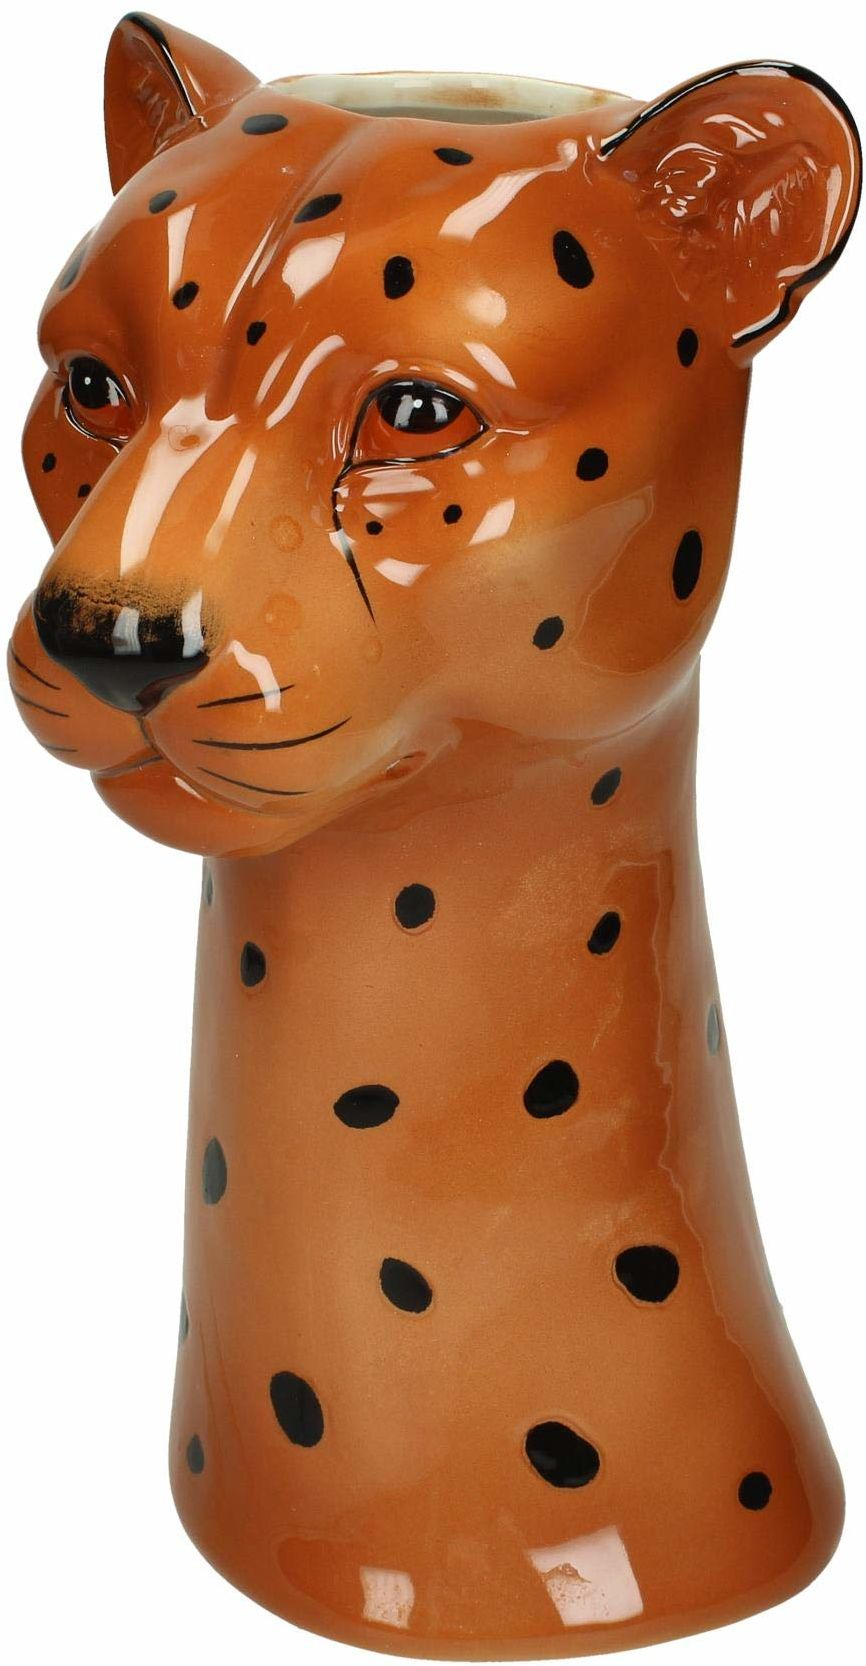 Wazon Leopard - Feiner Steingut - Brązowy - 15x17,5x29,5cm